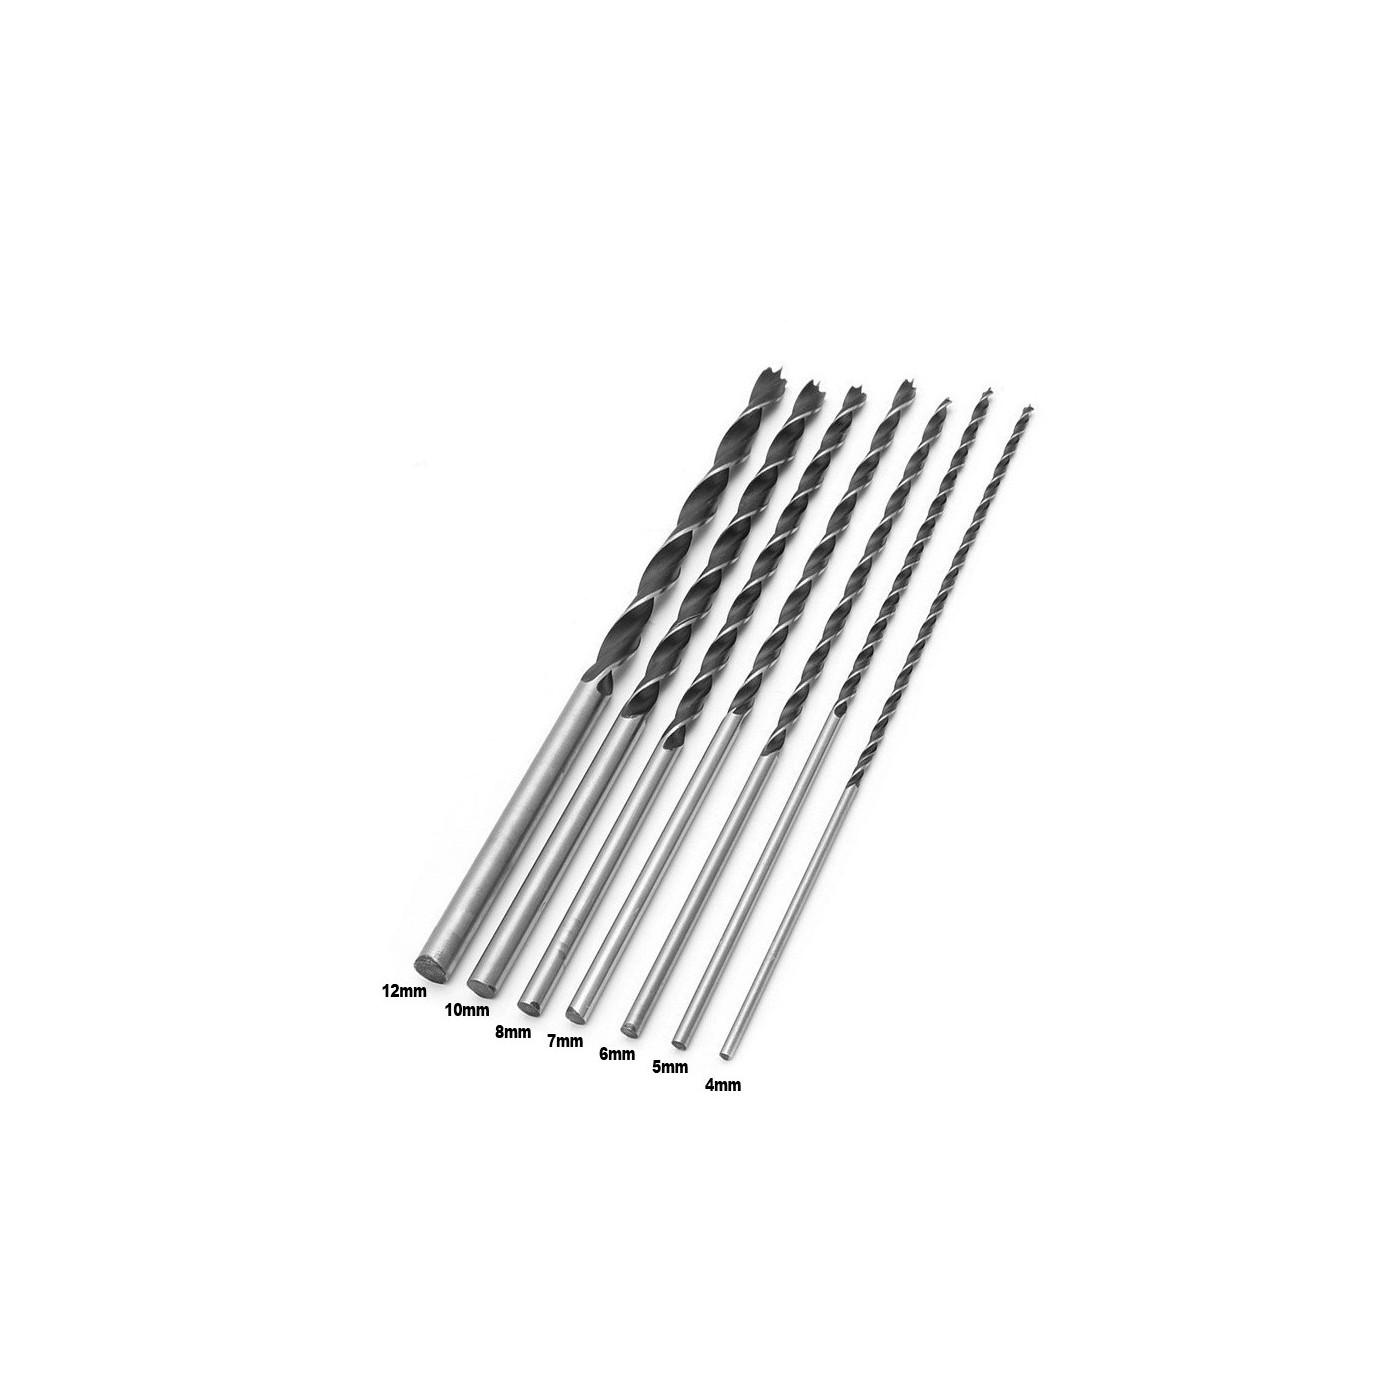 Set von 7 extra langen Holzbohrern (4-12 mm, 300 mm lang)